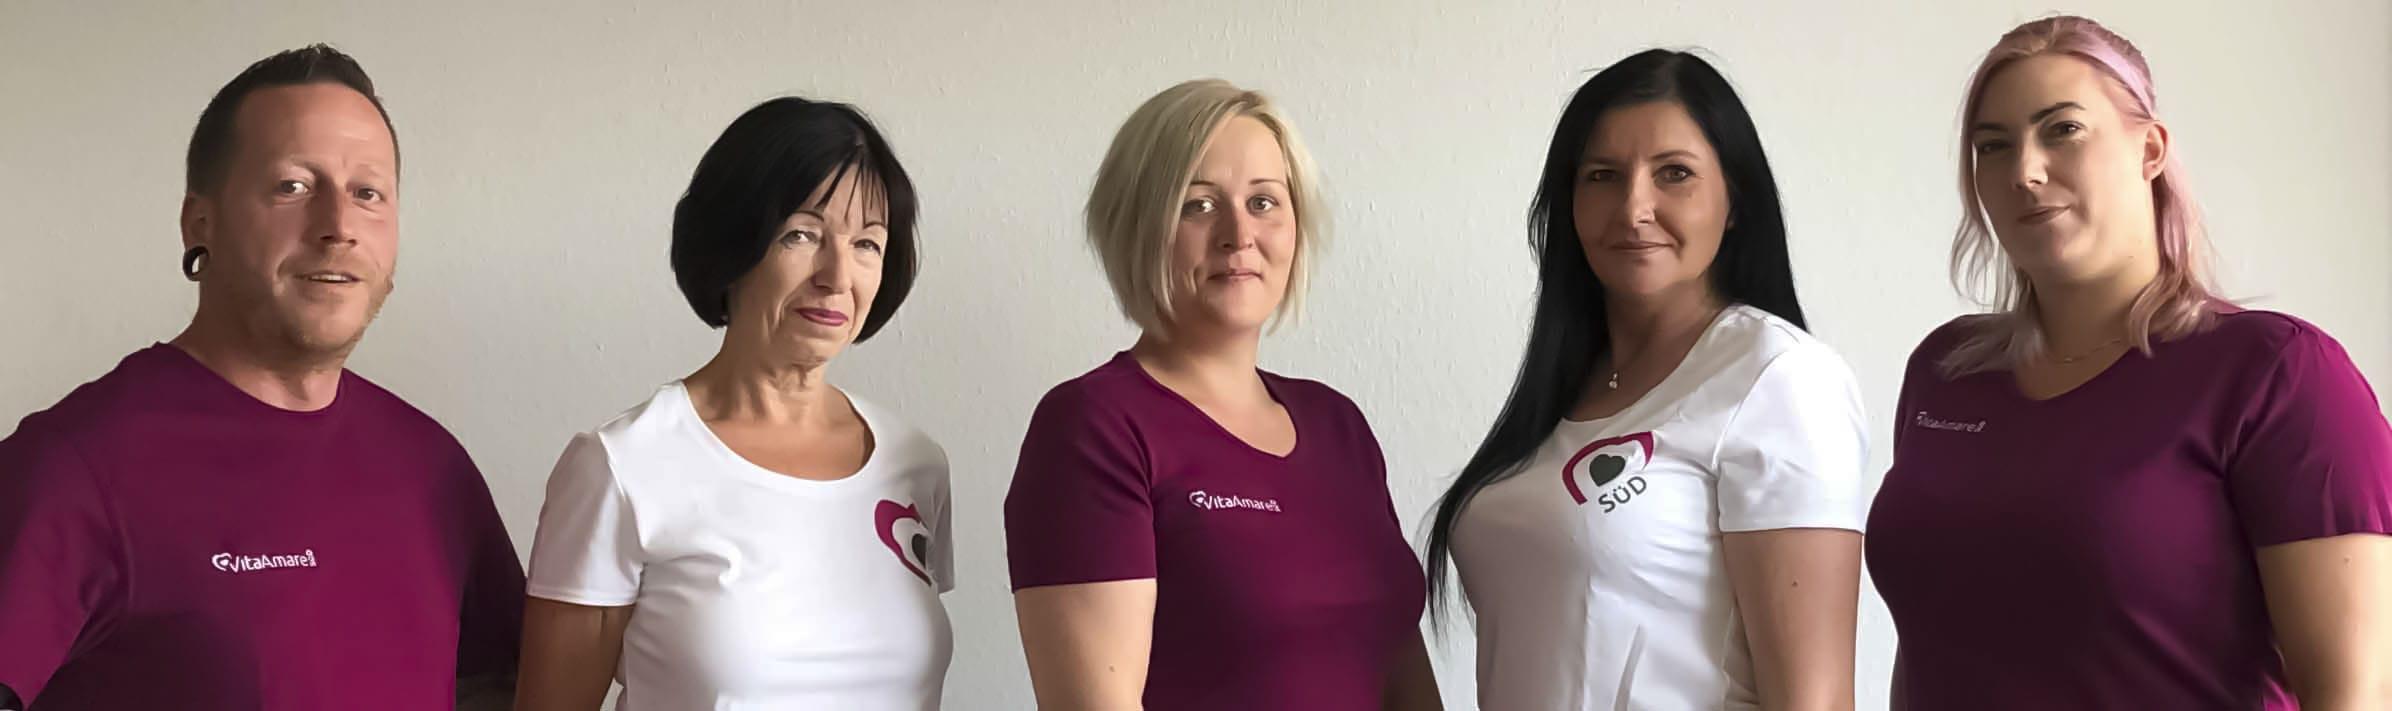 Symbolbild Intensivpflege VitaConSana: Mann und Frauen als Pflegefachkräfte Schulter an Schulter in einer Reihe